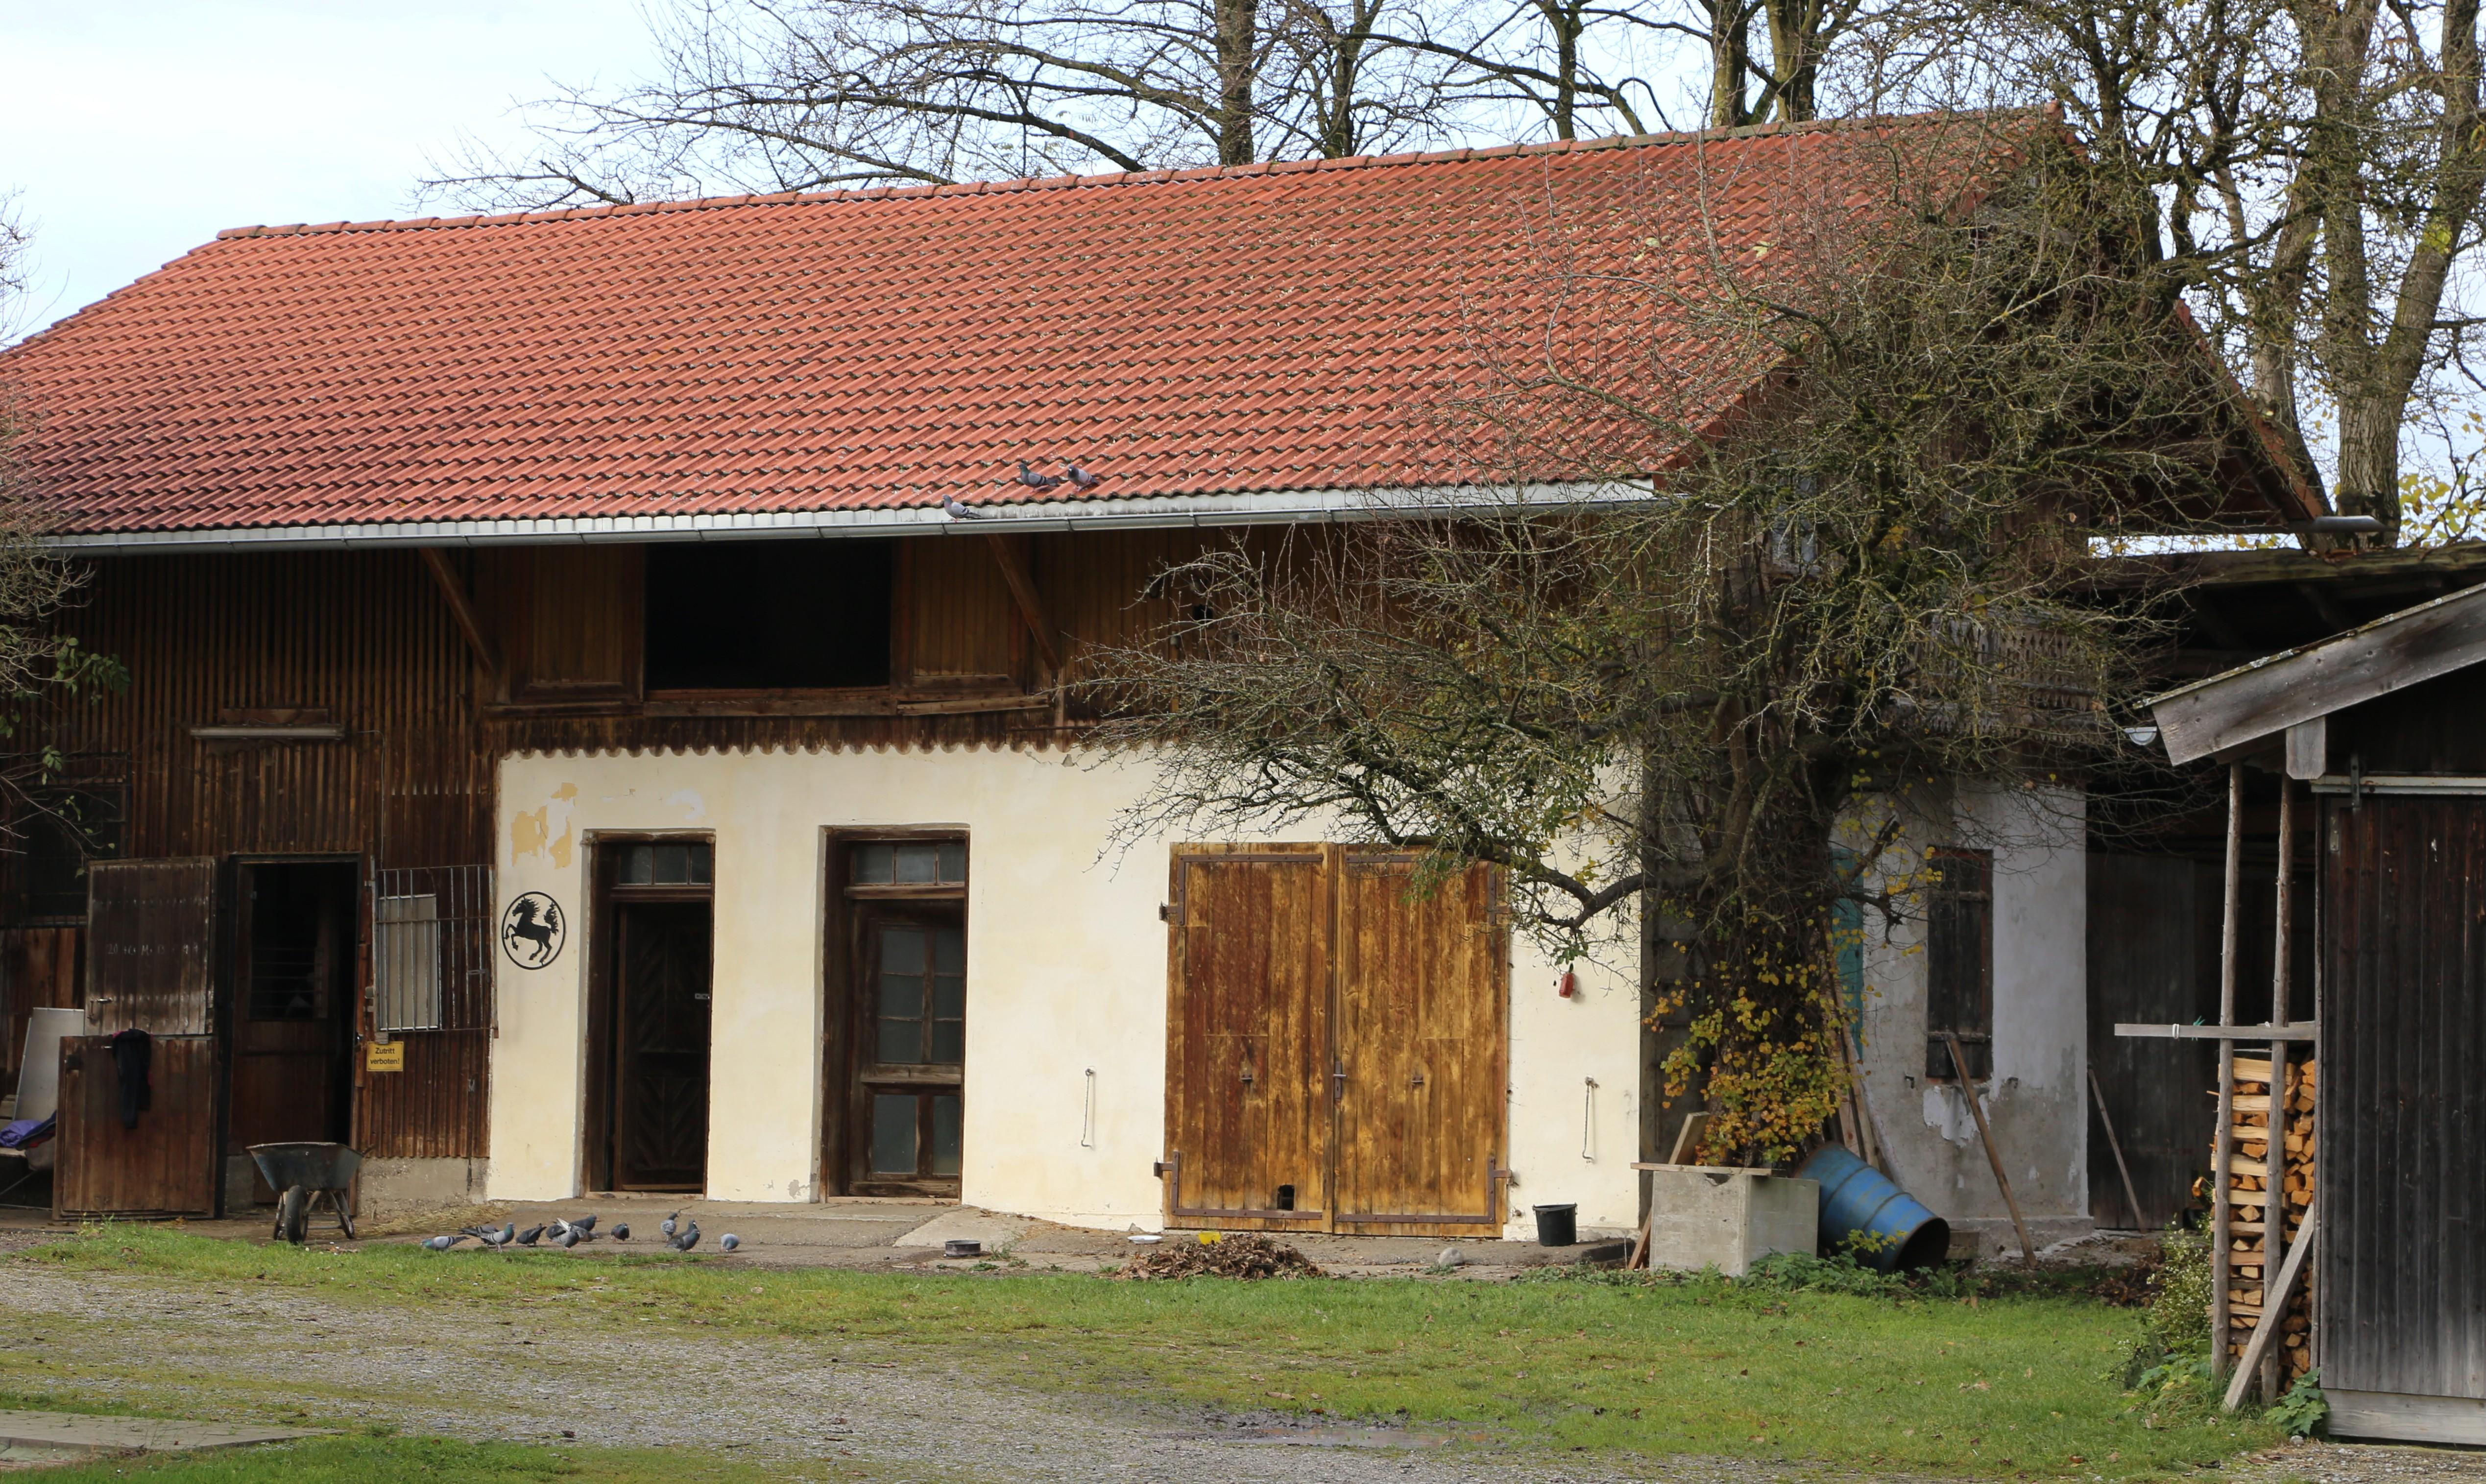 File:Michelistr. 18 Nebengebaeude Lochhofen-Sauerlach-1.jpg ...